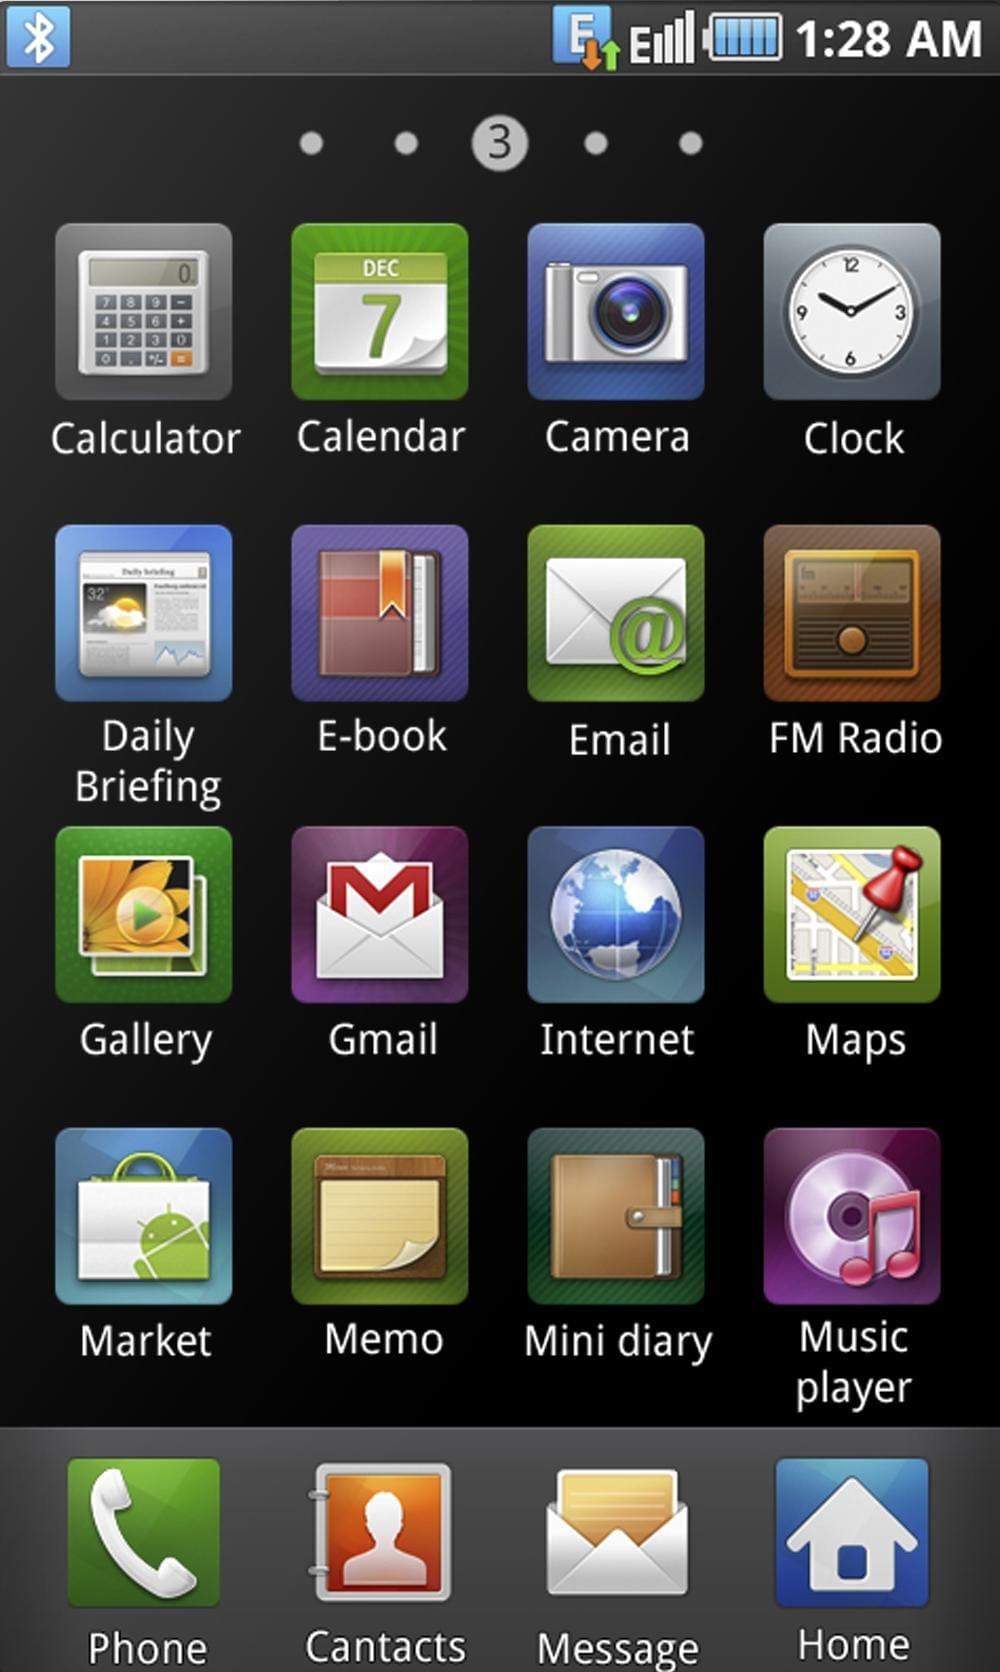 Скачать бесплатно Эмуляторы Оболочки для КПК Windows Mobile Pocket